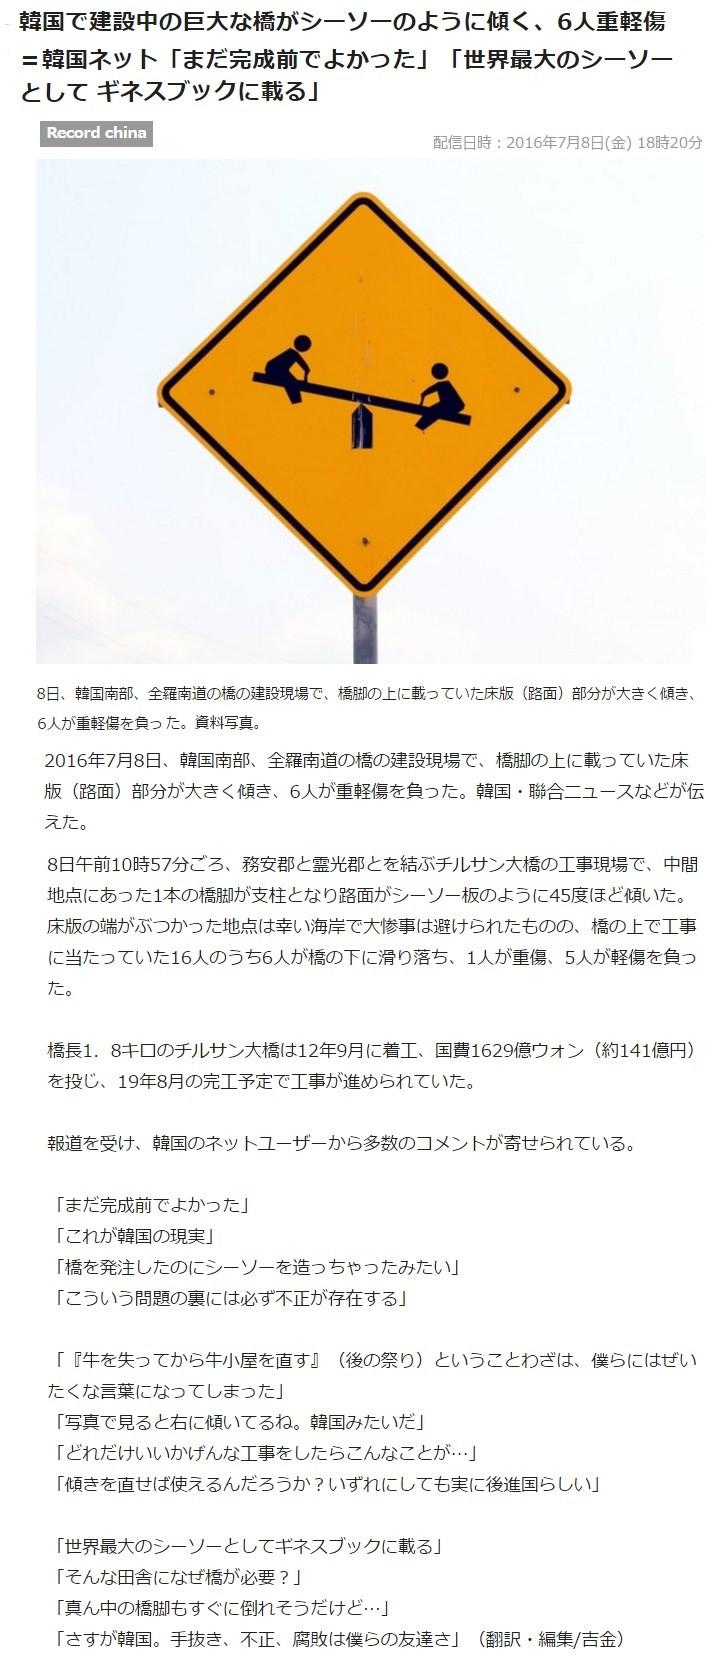 チョン国の世界一のシーソー橋